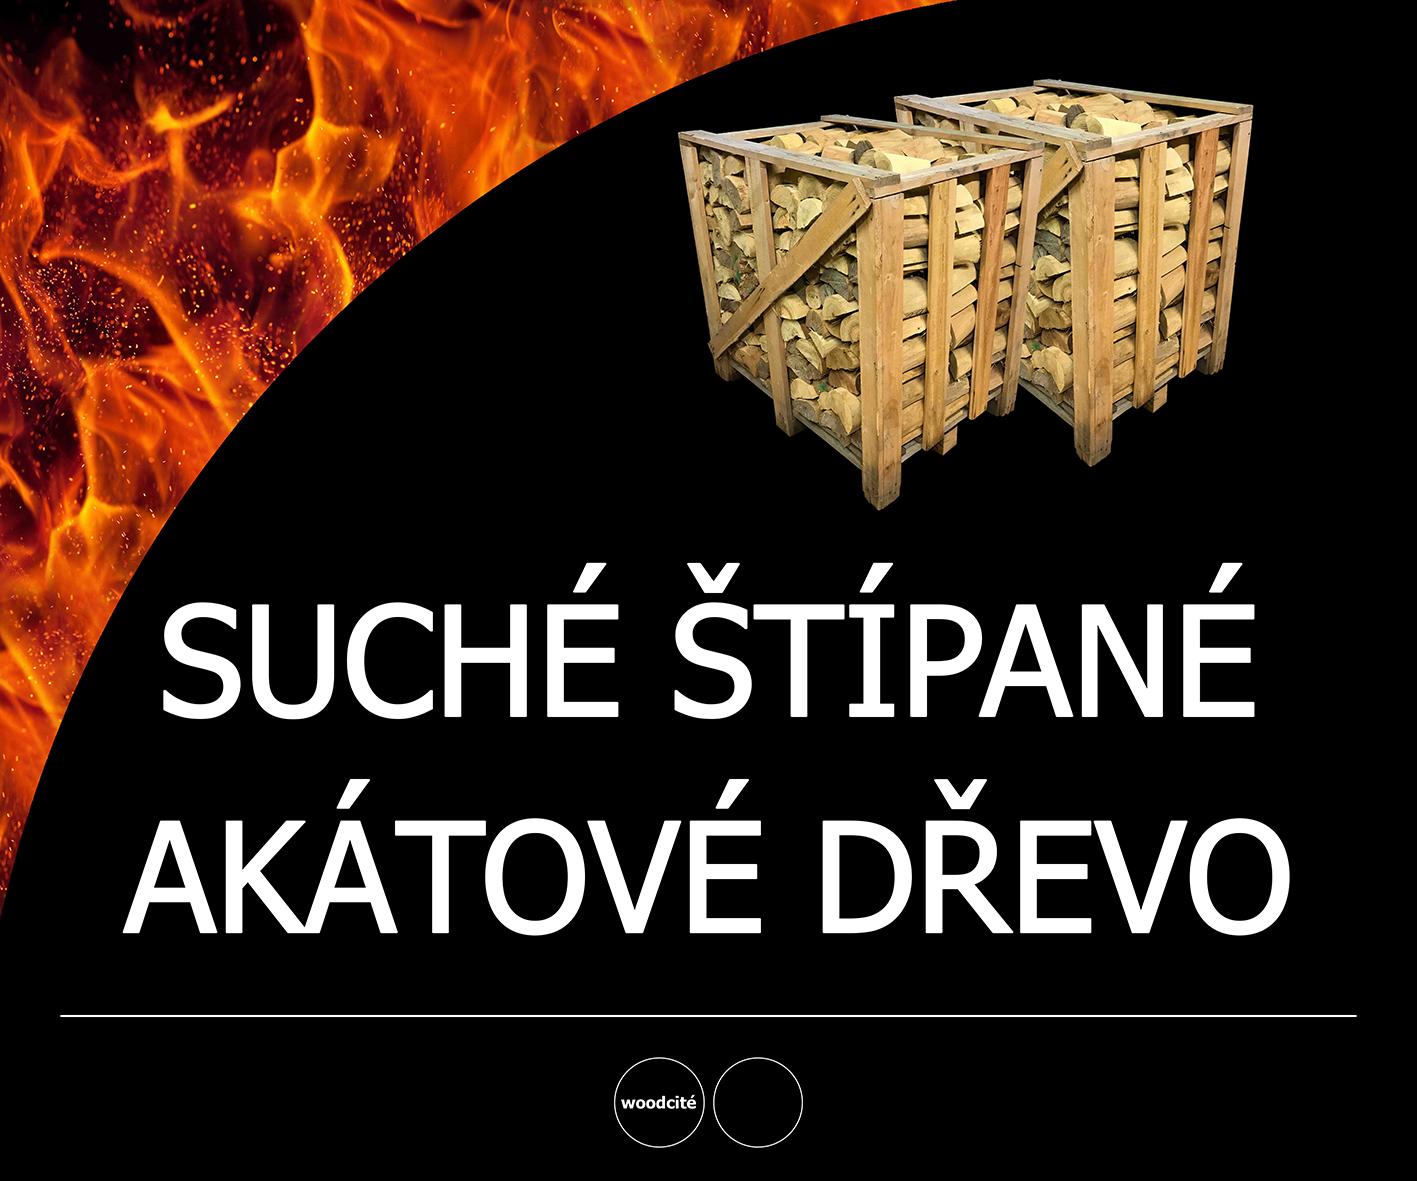 štípané akátové dřevo Uherské Hradiště, Zlín